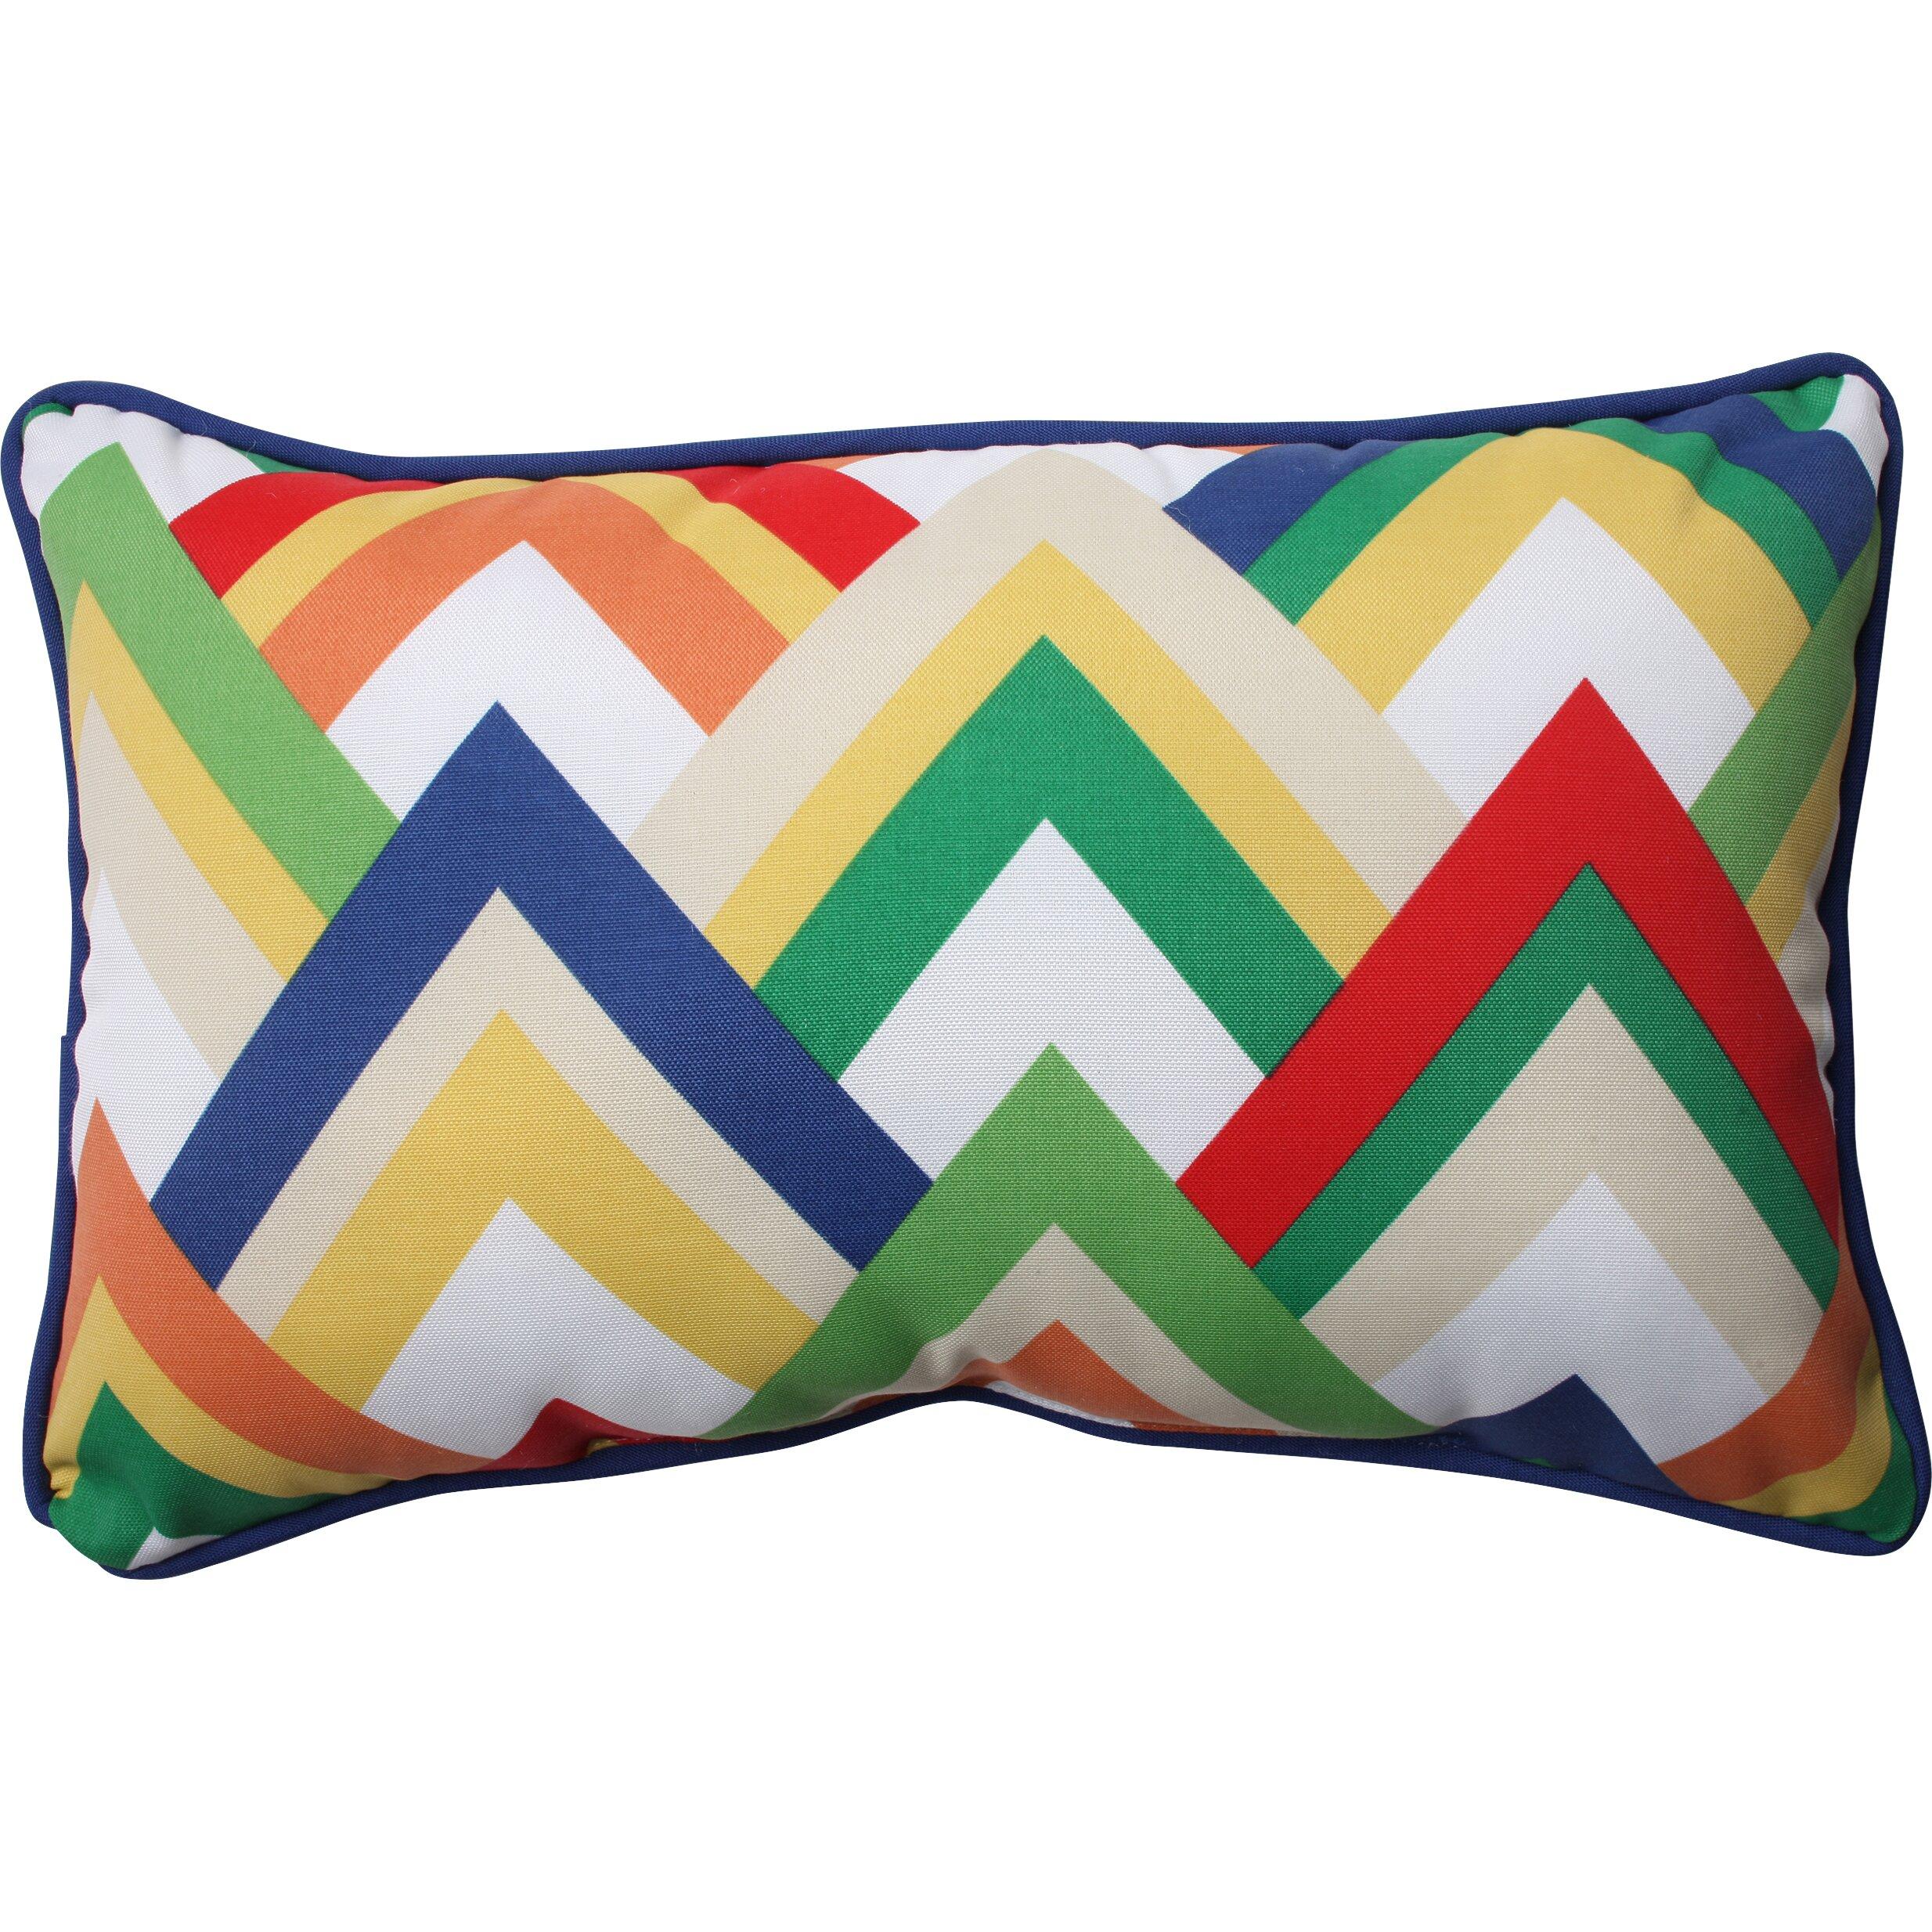 Throw Pillow Wayfair : Pillow Perfect Indoor/Outdoor Throw Pillow & Reviews Wayfair